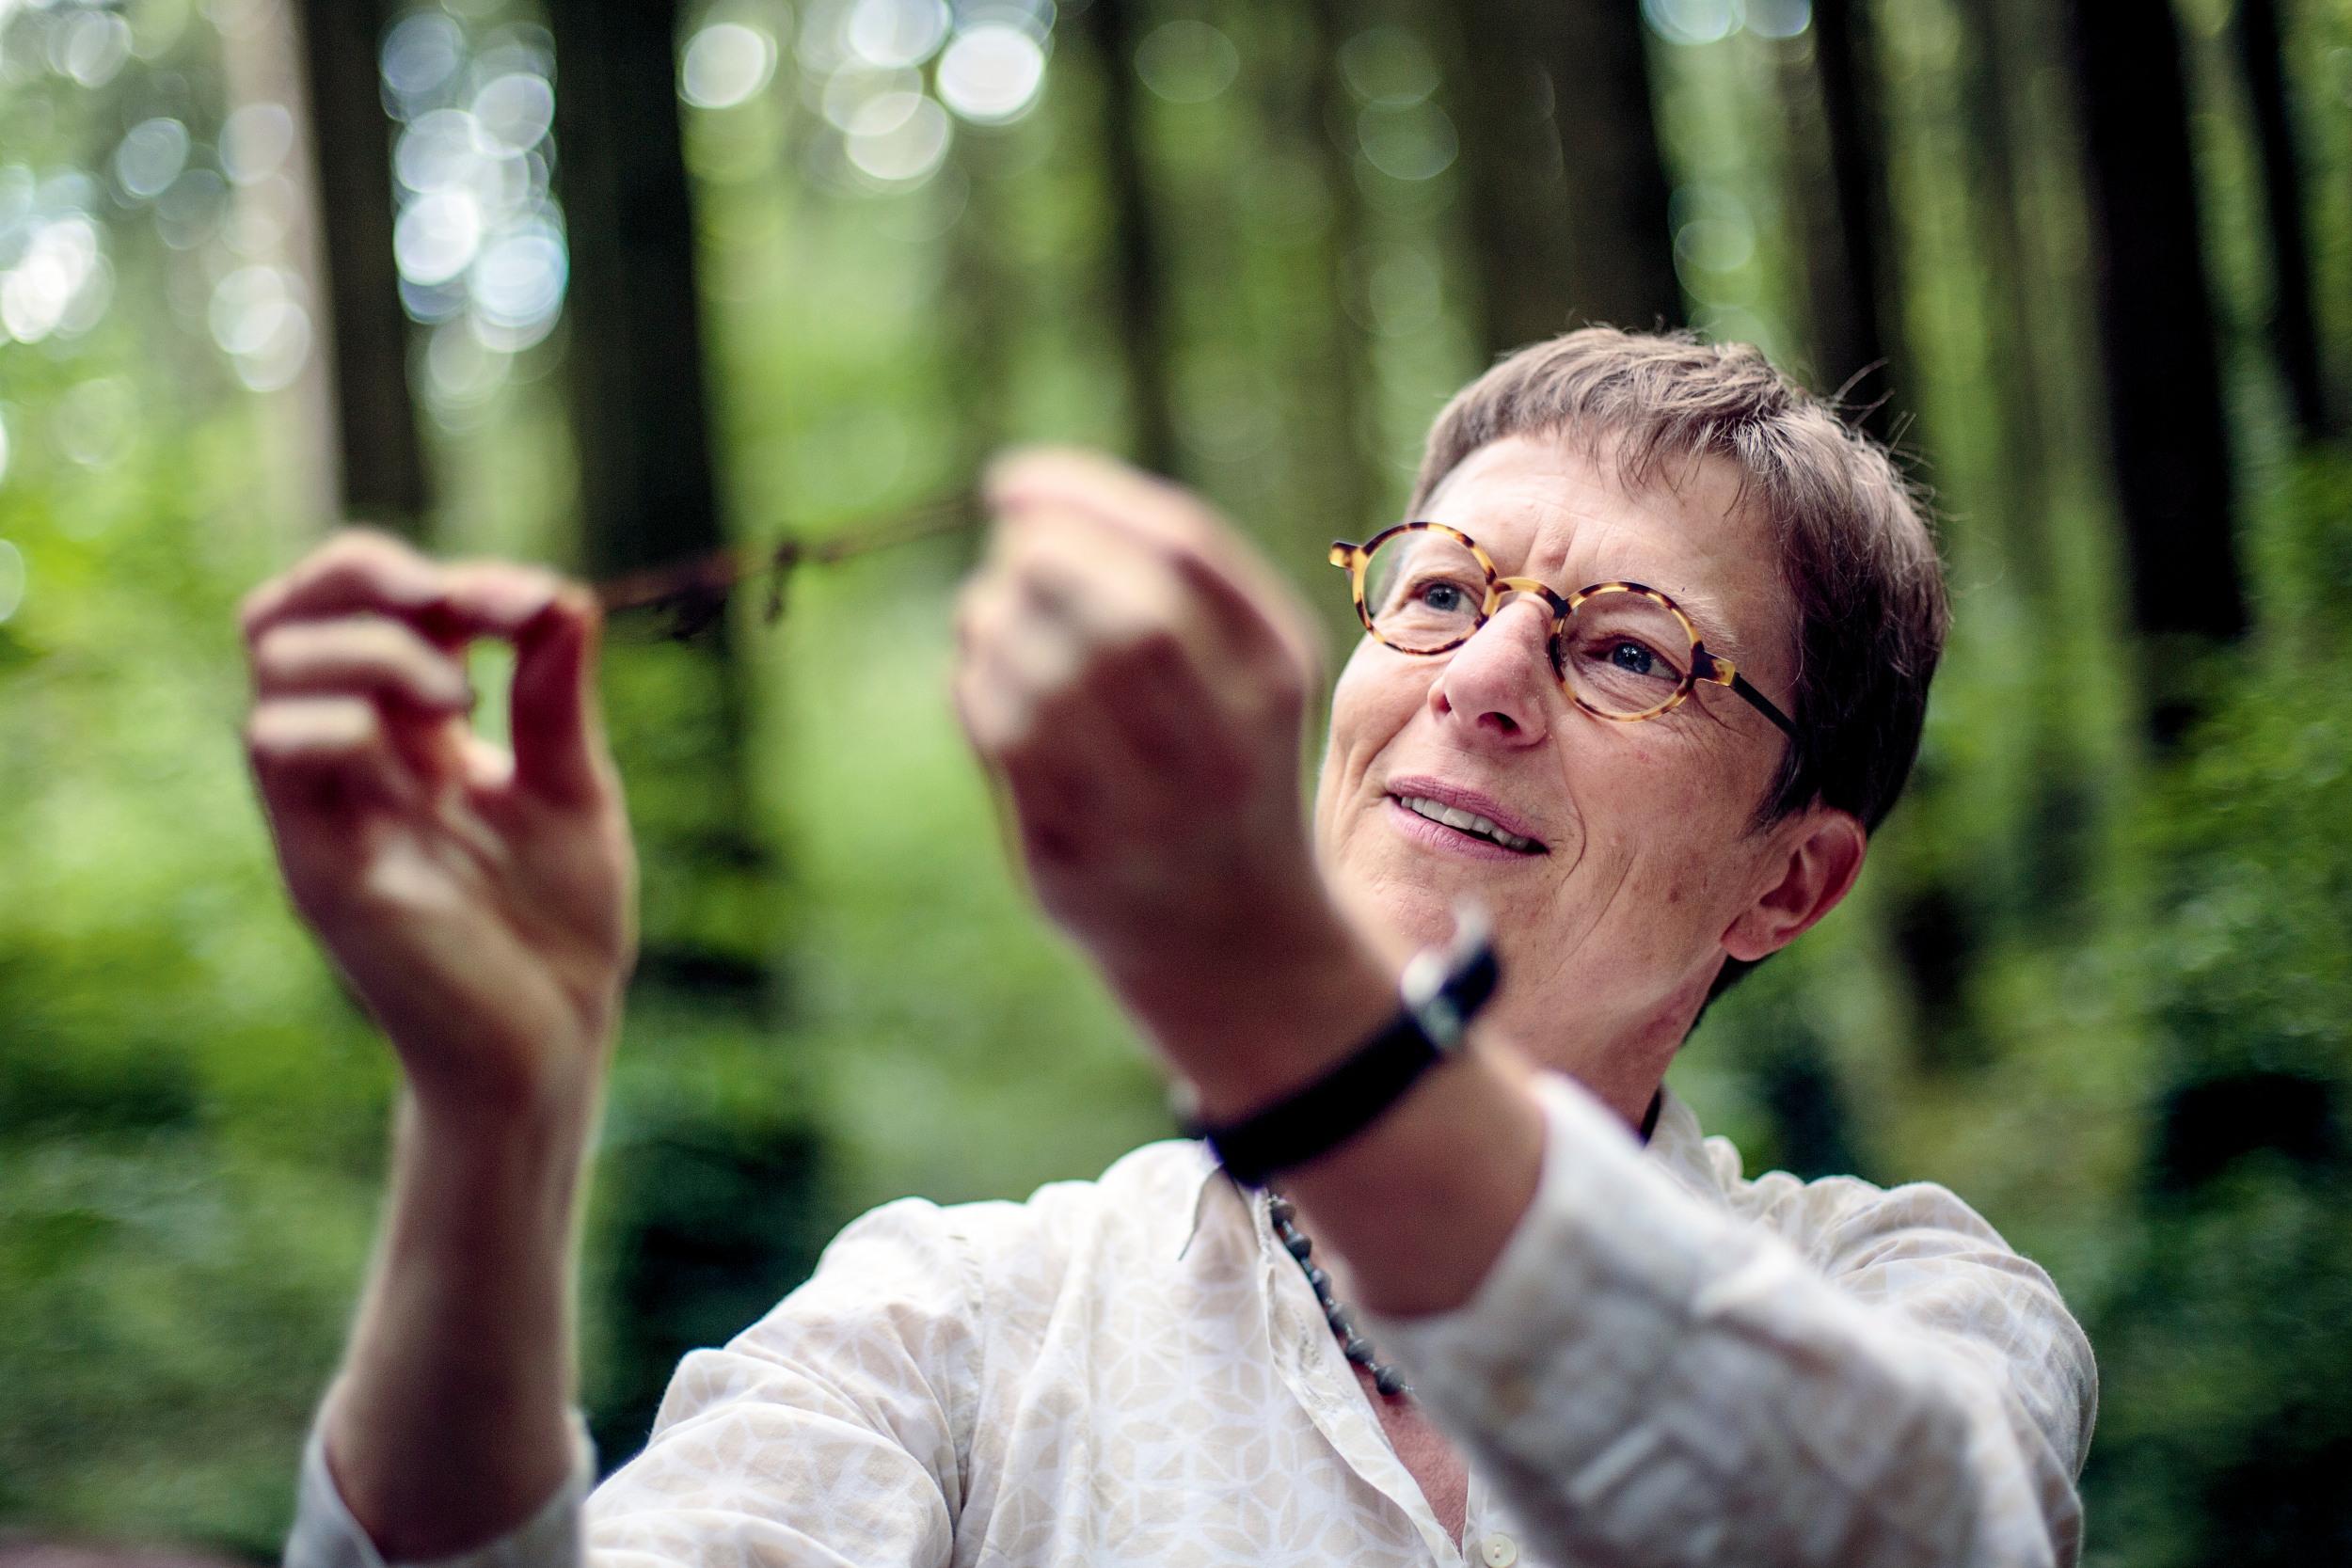 <p>PILZ-TEST<br /> Seine Kollegin Karin Pritschhat eine Fichtenwurzel ausgegraben, die von Pilzen umhüllt ist</p>